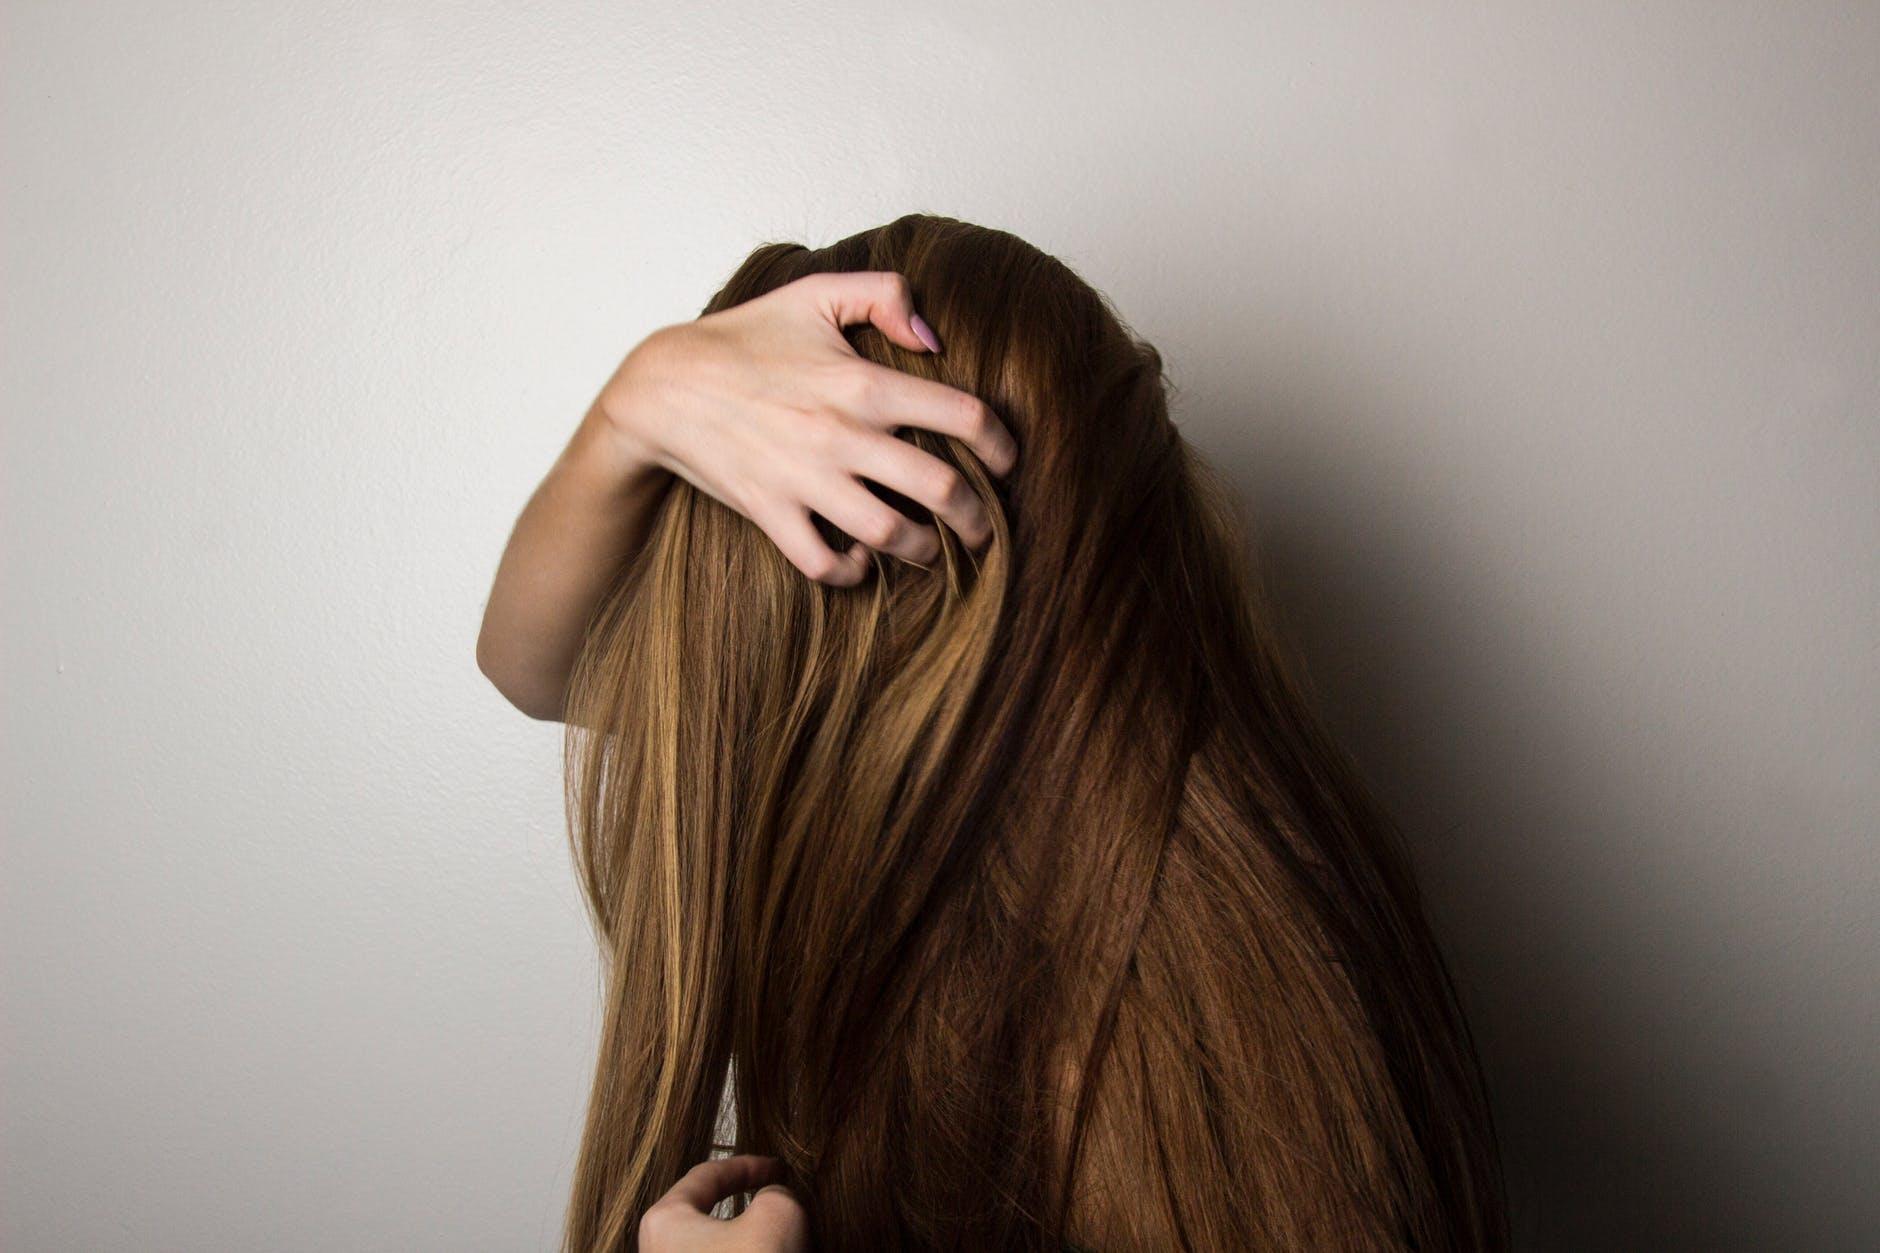 Dlaczego wypadają włosy? Najczęstsze przyczyny